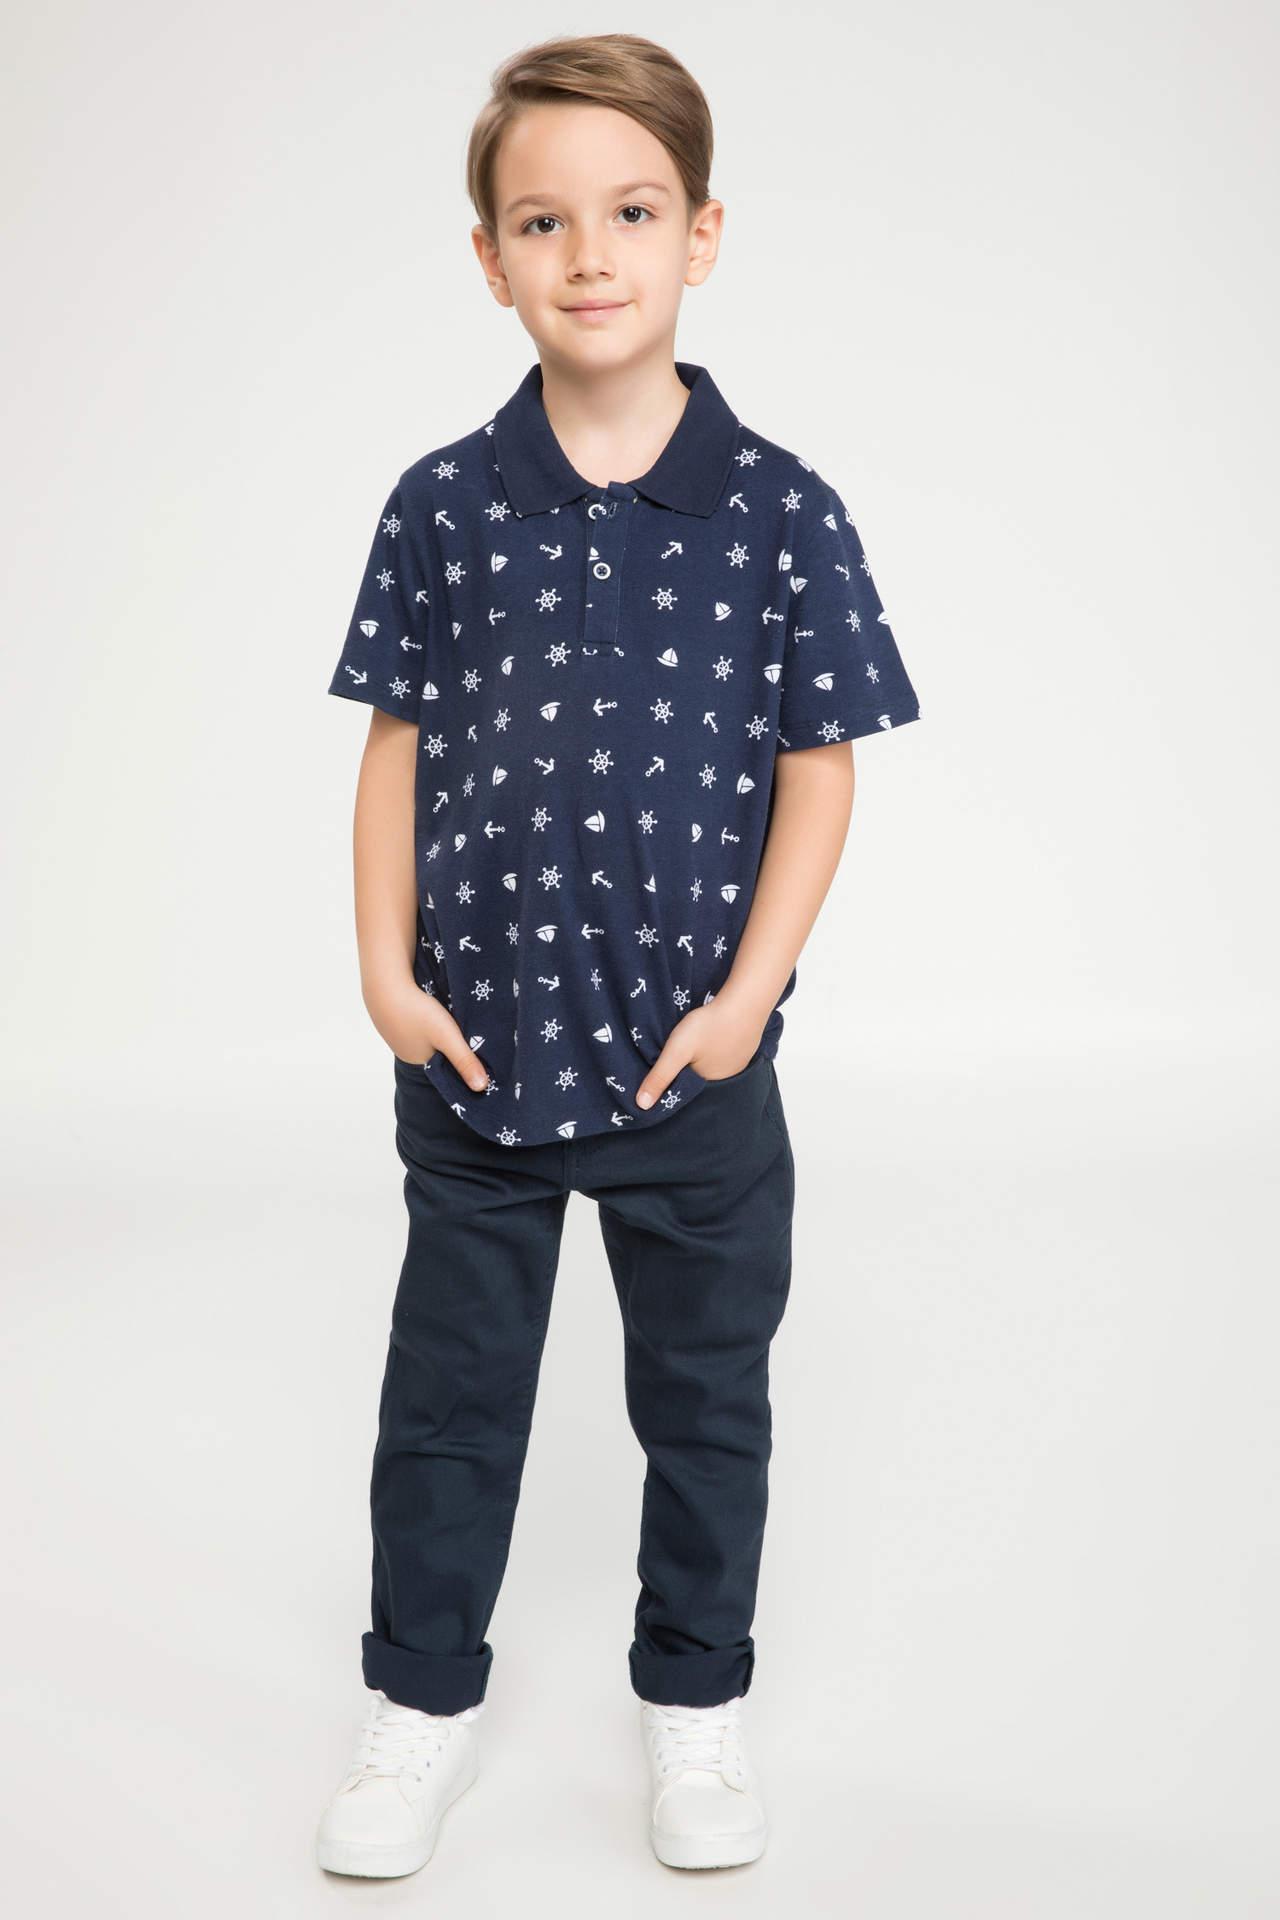 DeFacto Erkek Çocuk Düz Kesim Pantolon Mavi male